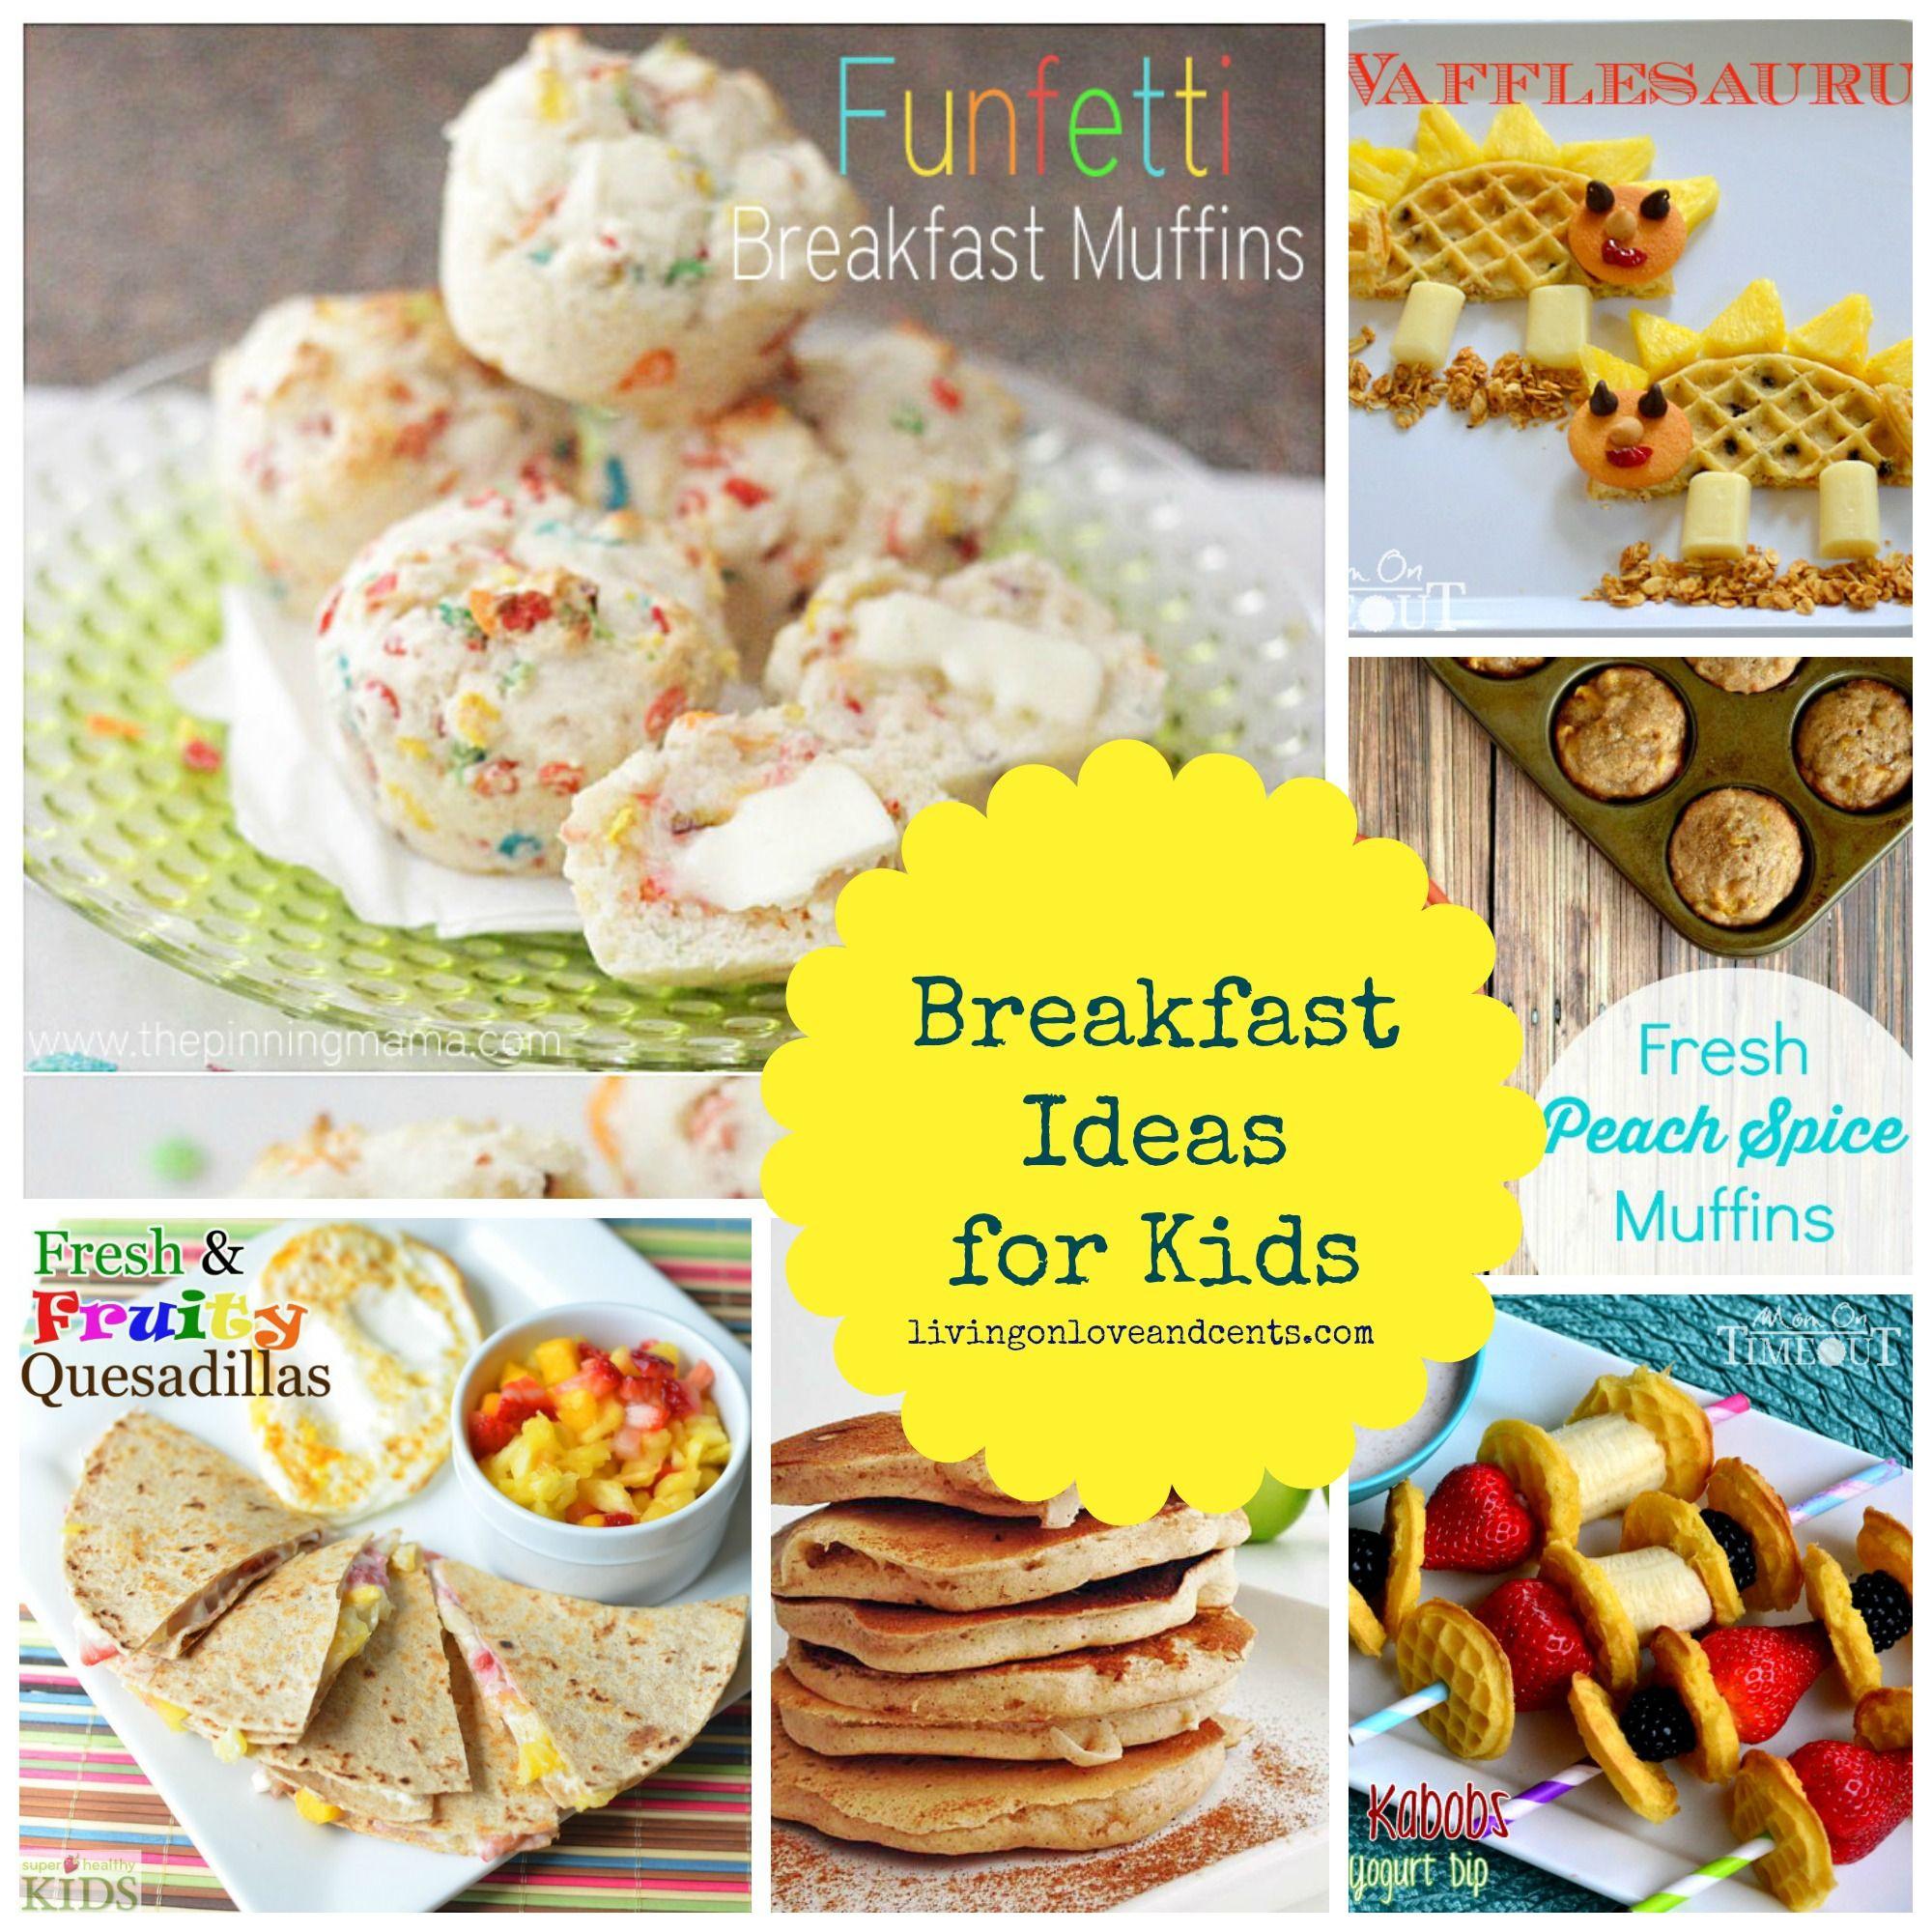 Best Breakfast For Kids 30 School Morning Breakfast Ideas for Kids backtoschool